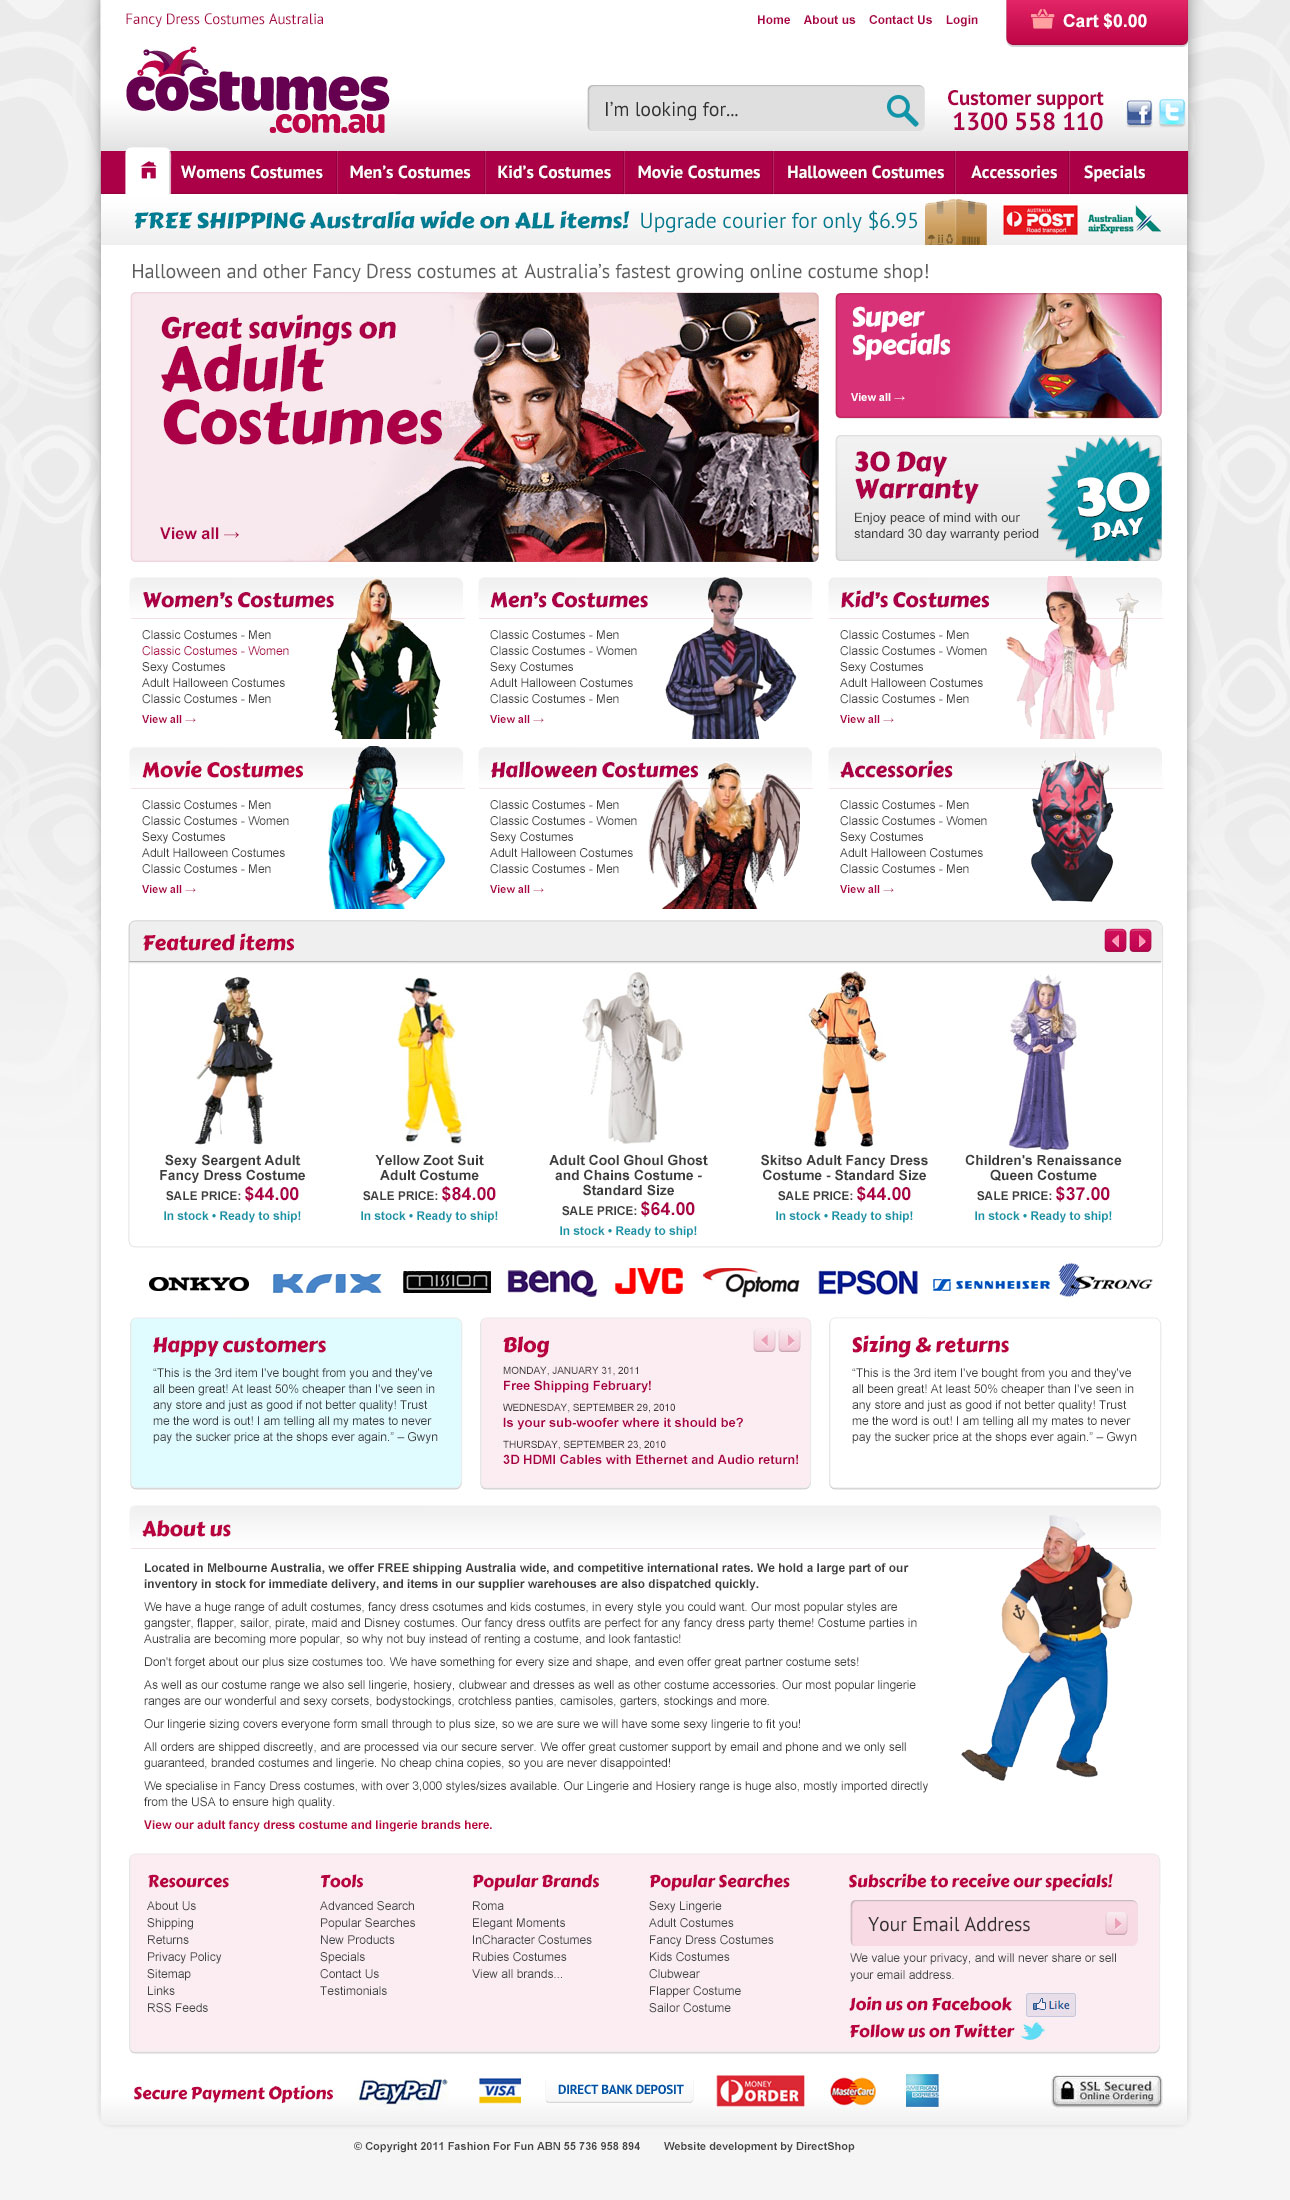 1008-FashionFun-1-Home-23